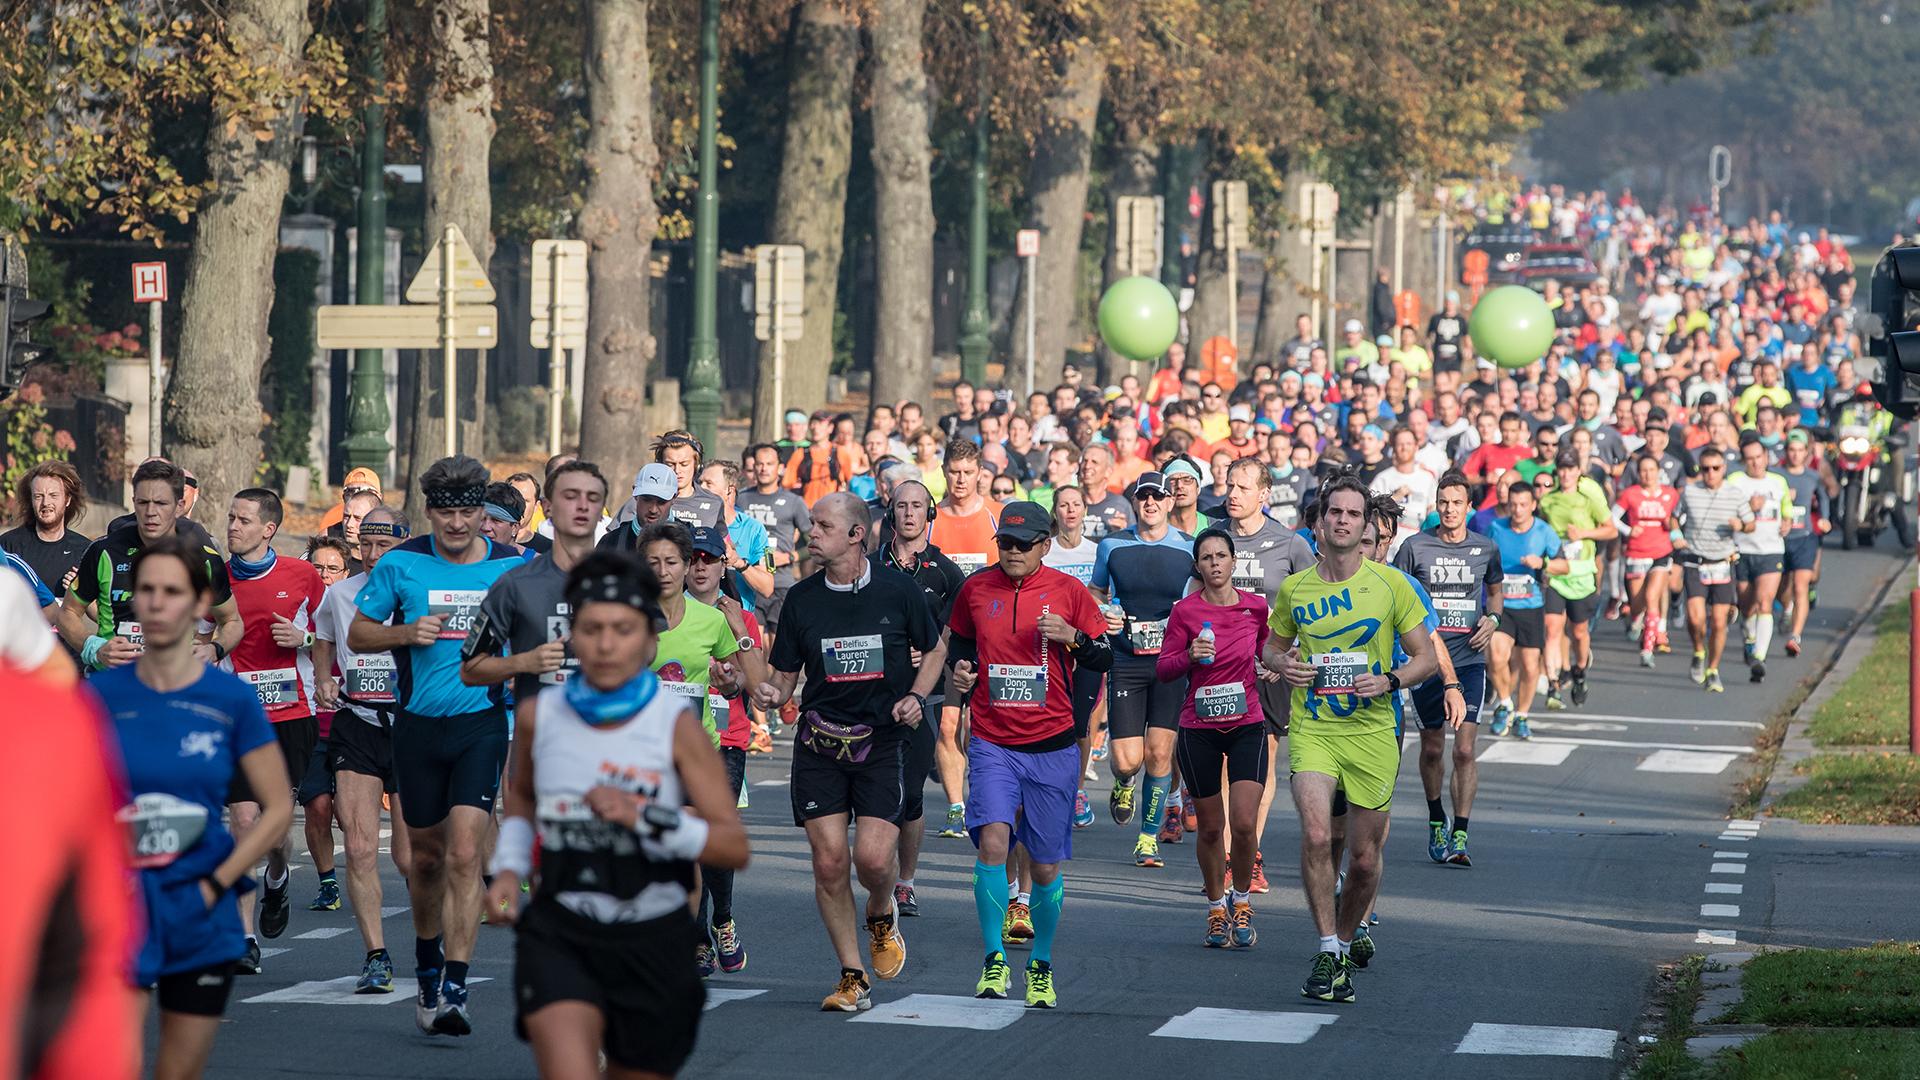 14 km als langste training voor marathon, kan dat?